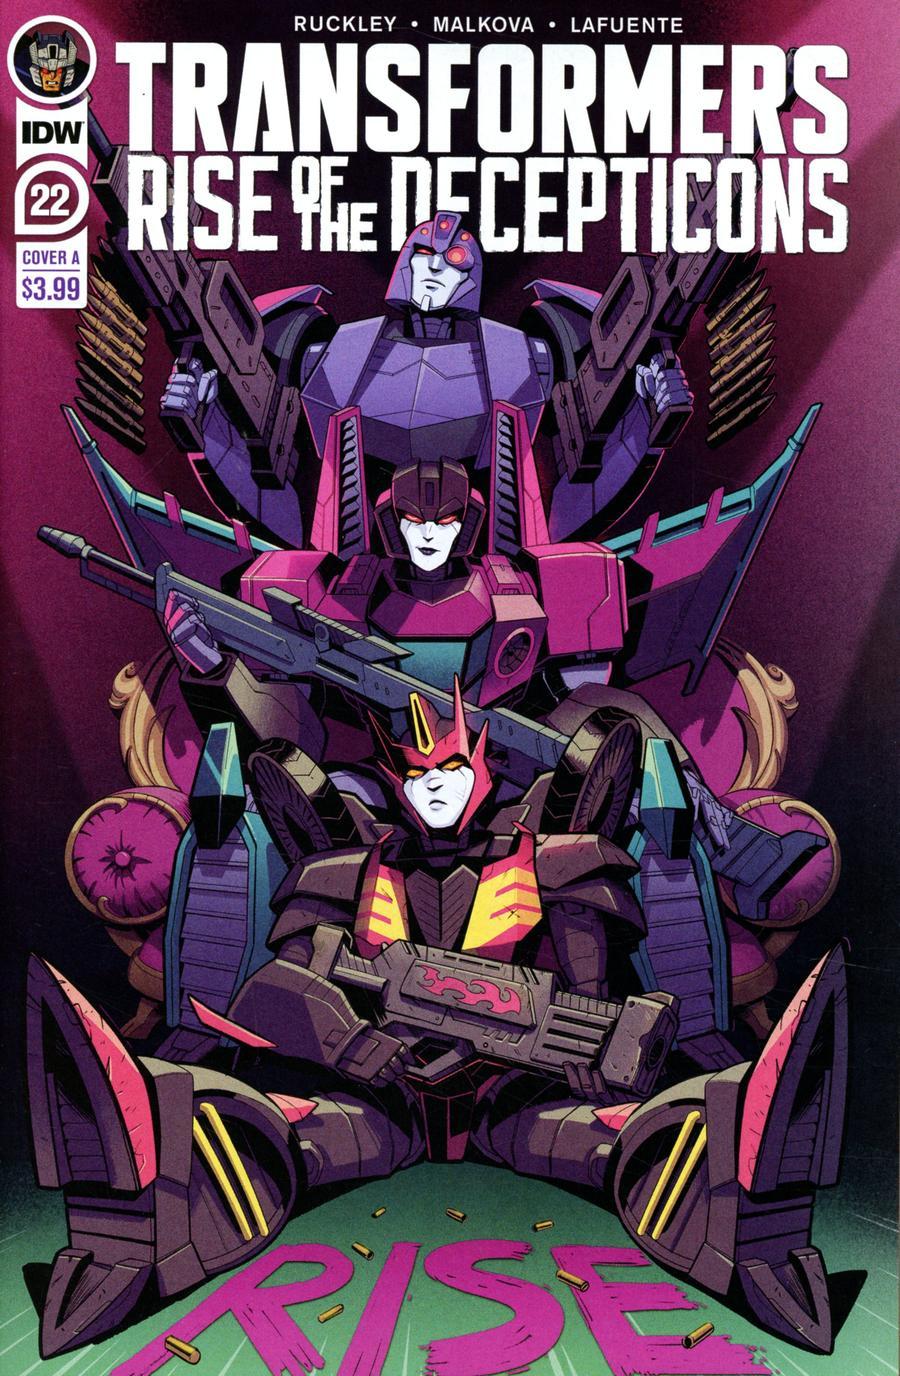 Transformers Vol 4 #22 Cover A Regular Anna Malkova Cover